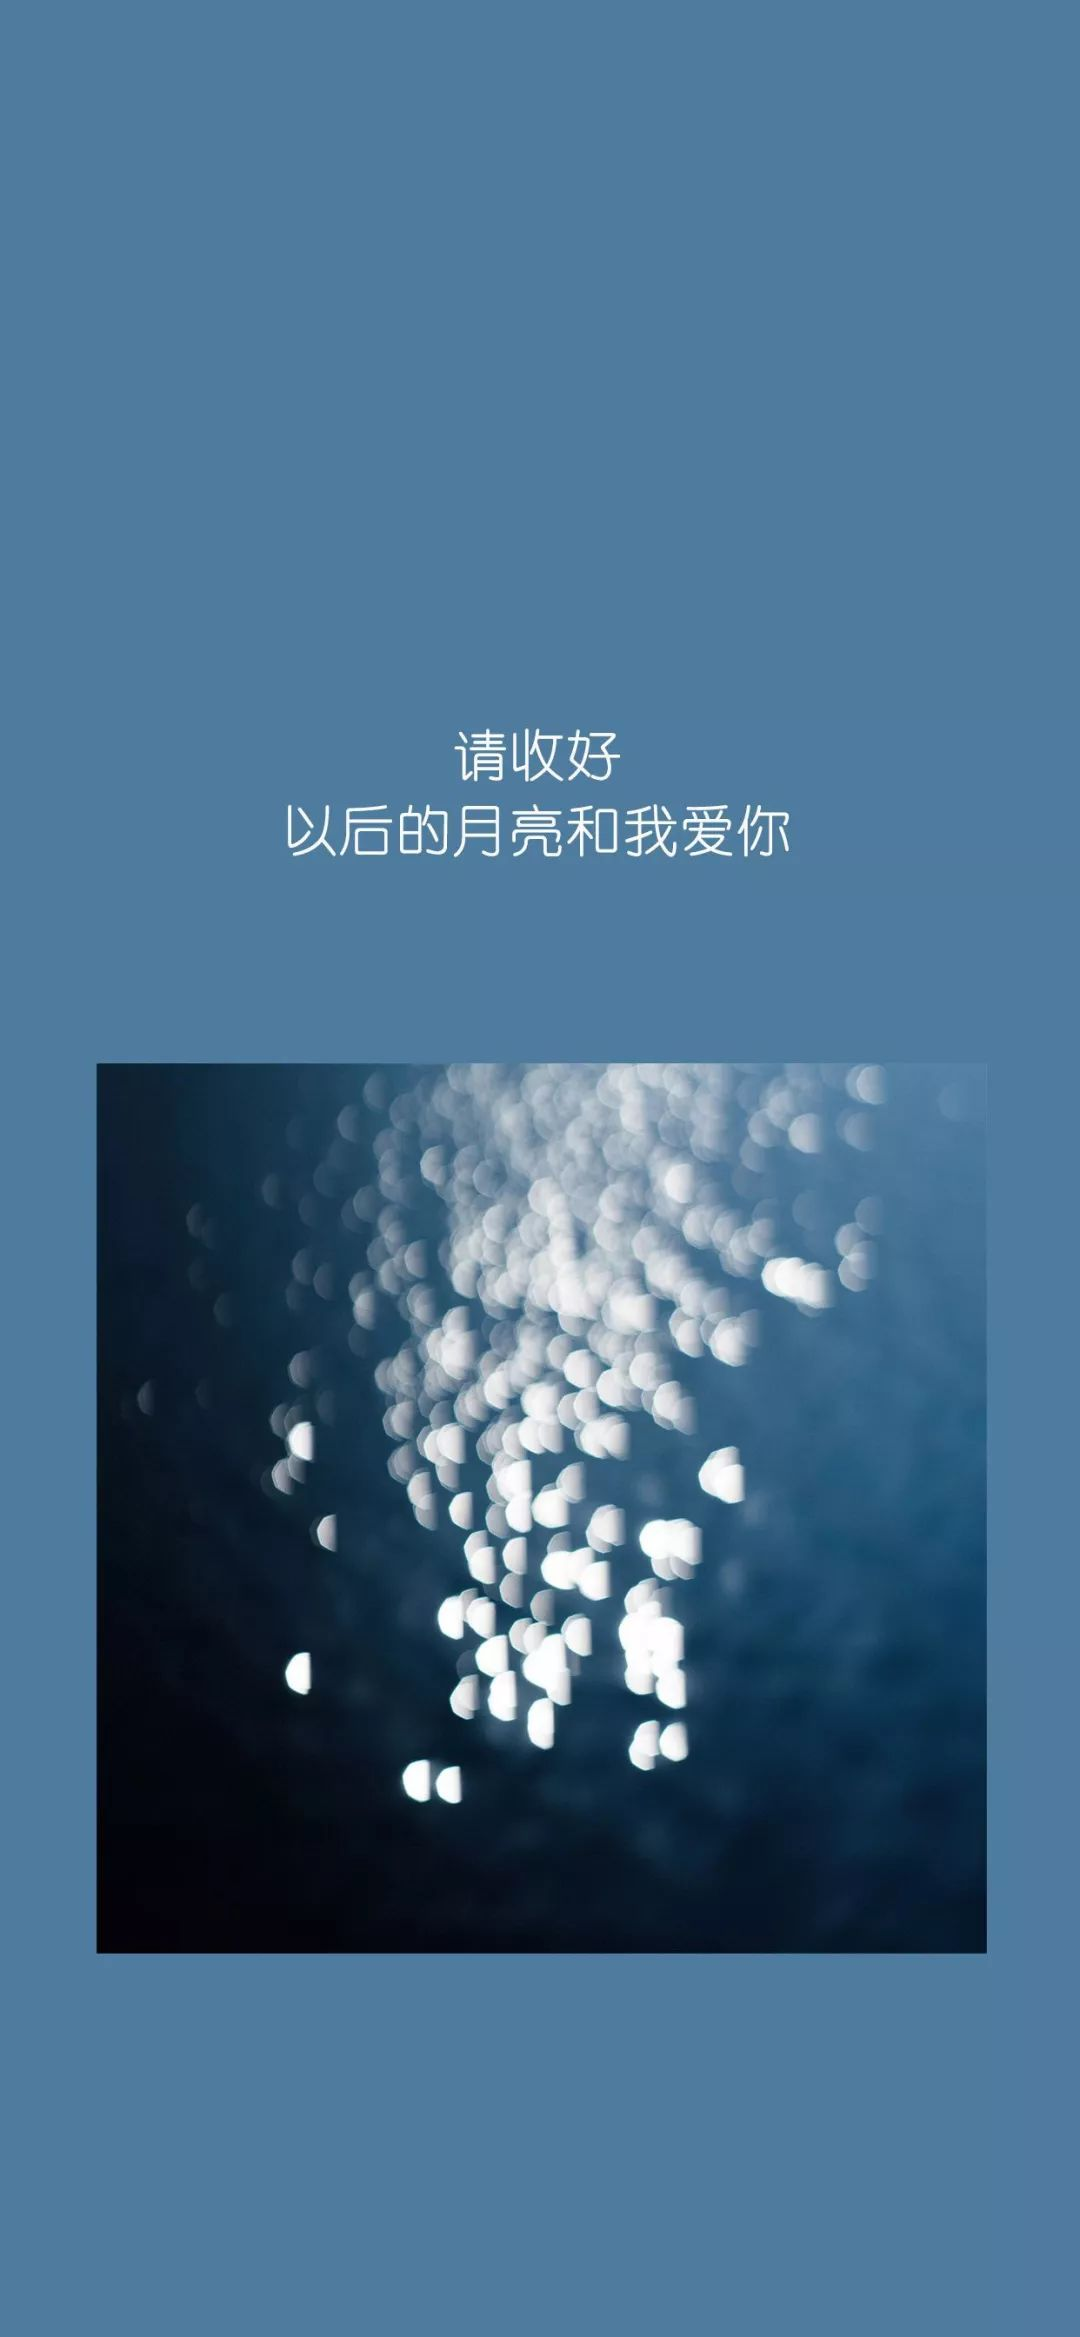 肖战2019跨年图片